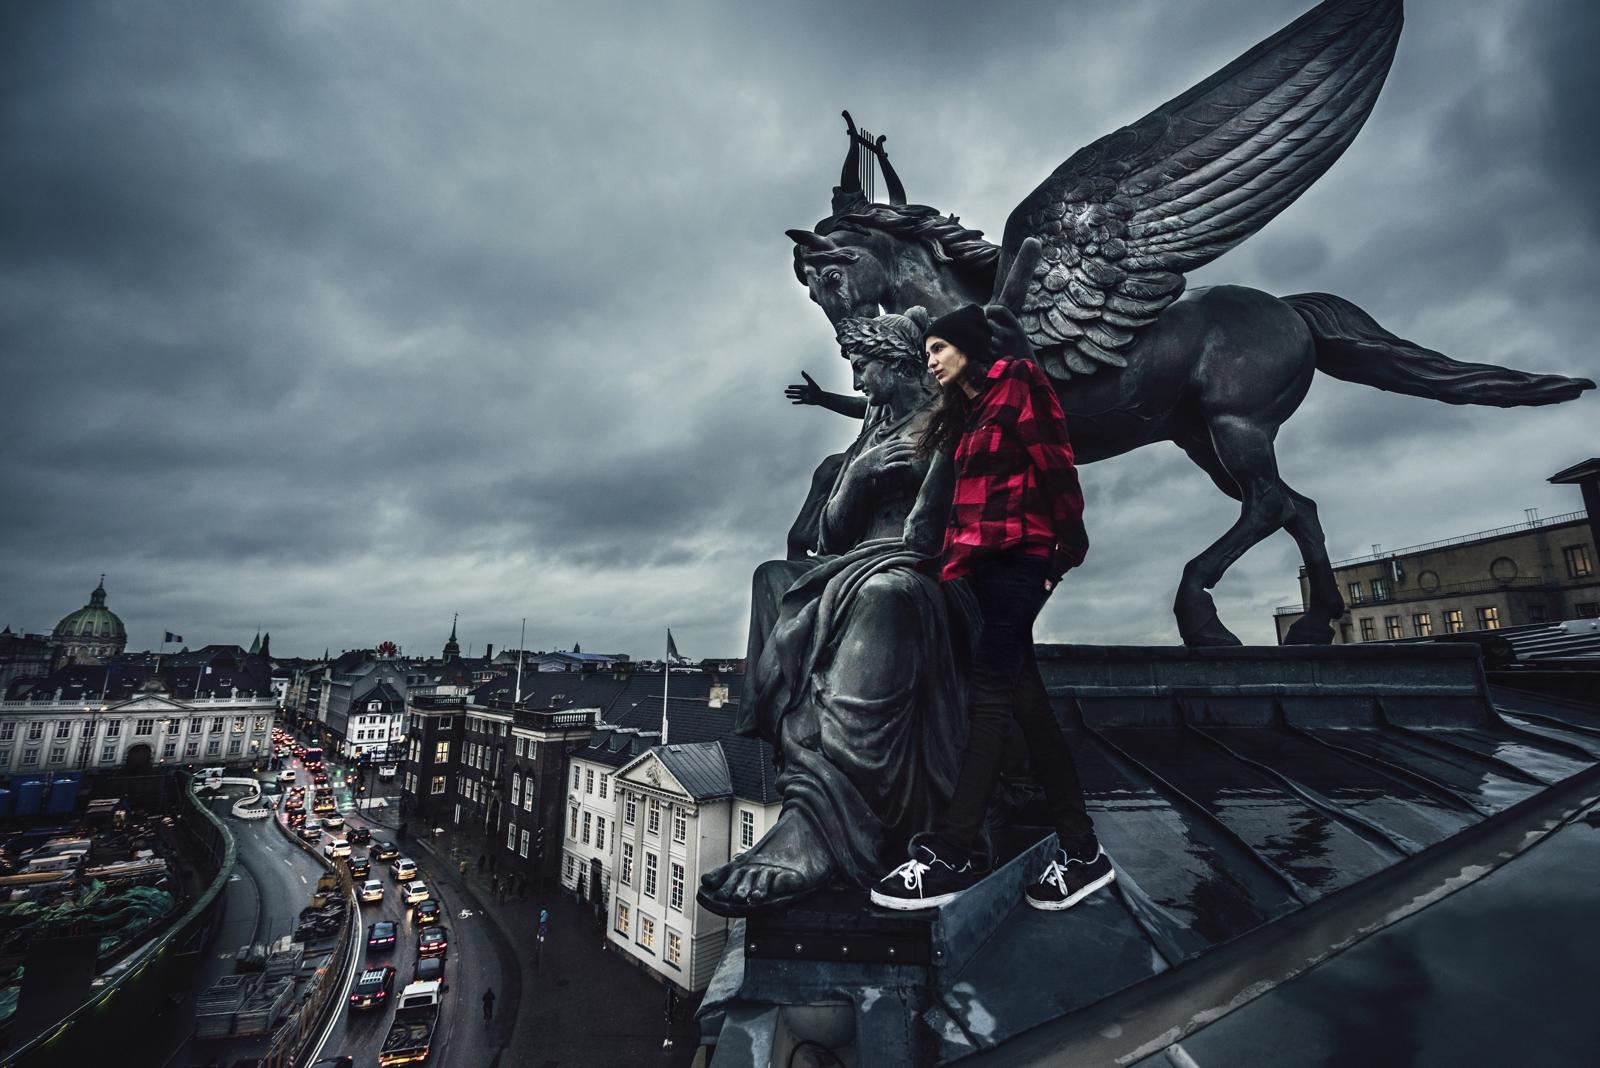 URBEX_Elaina Hammeken_Copenhagen_RedbullTv_alta